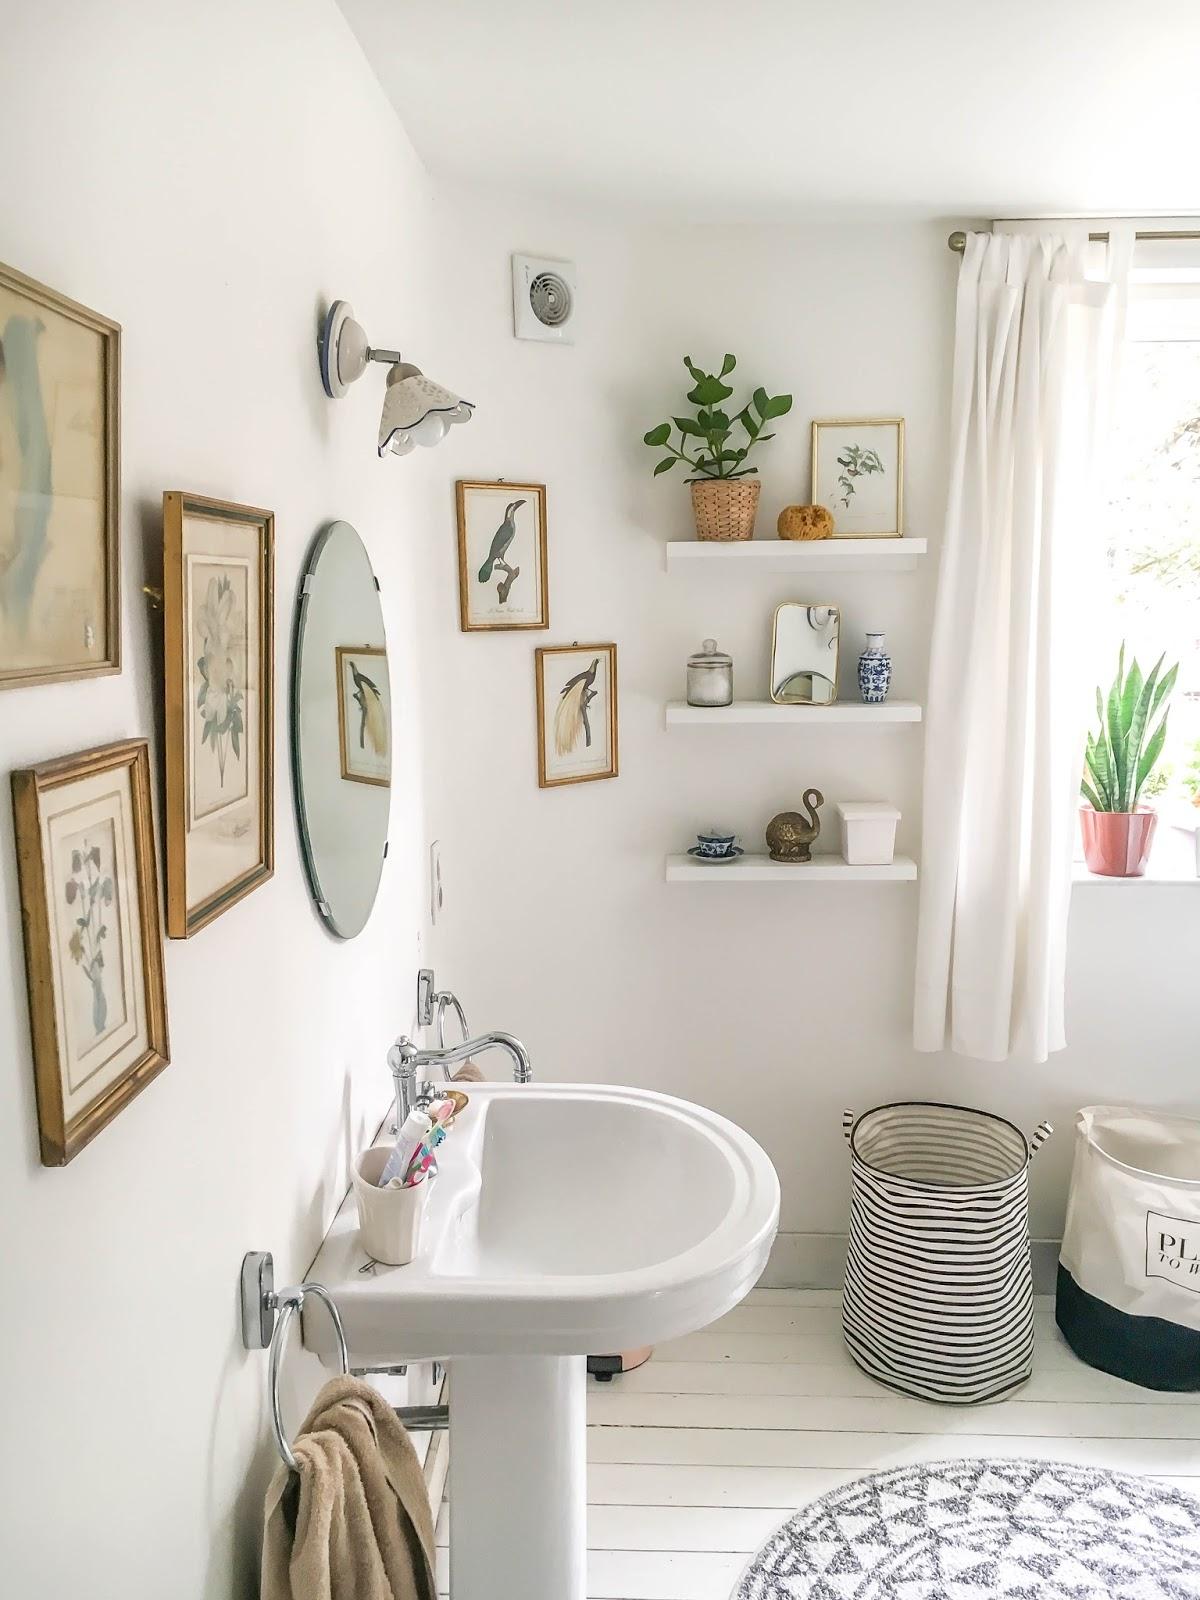 Dietemiet: Onze goedkope badkamerrenovatie